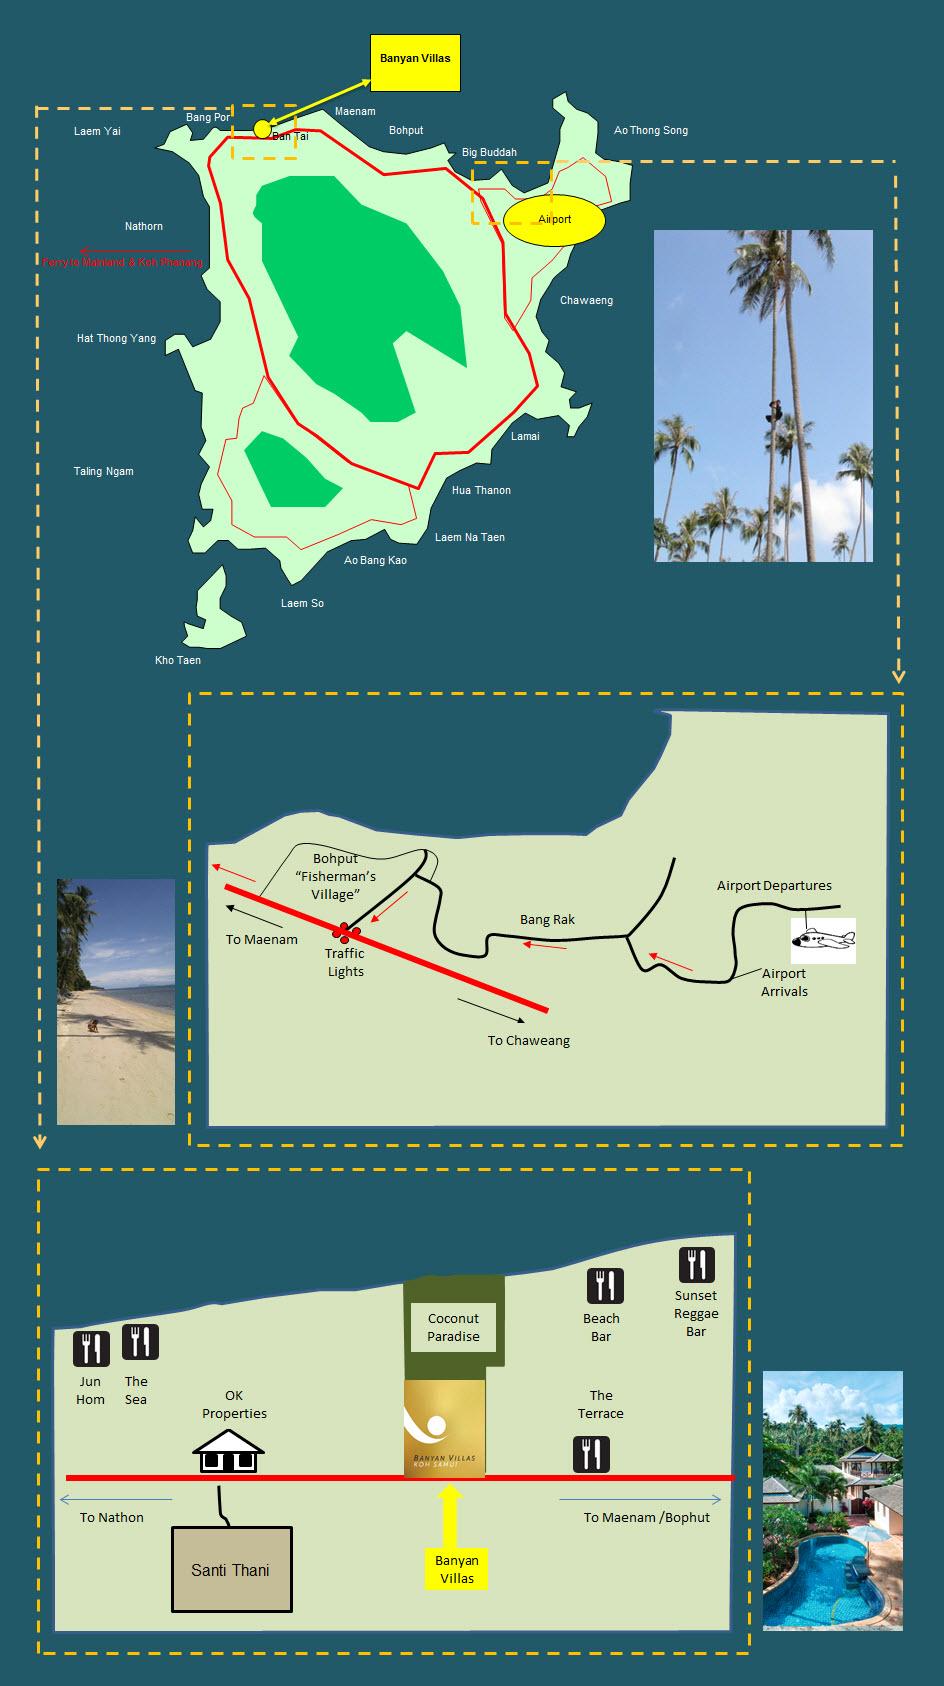 Banyan Villa Map